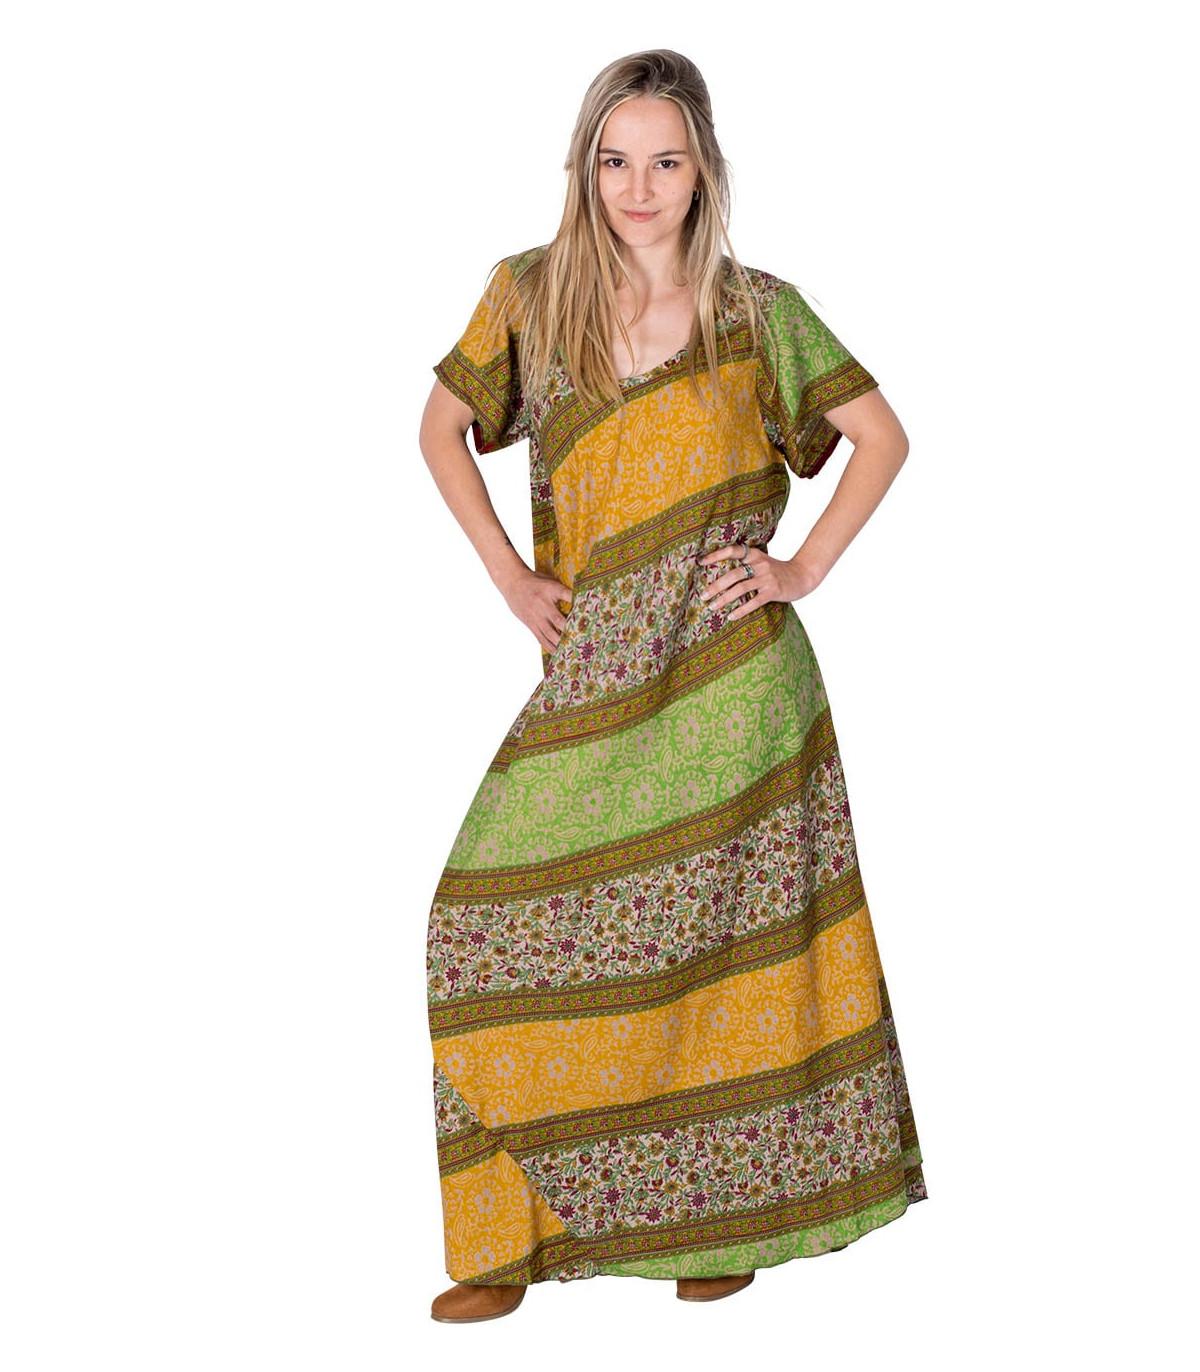 Vestito etnico ampio manica corta | Abiti in seta indiana